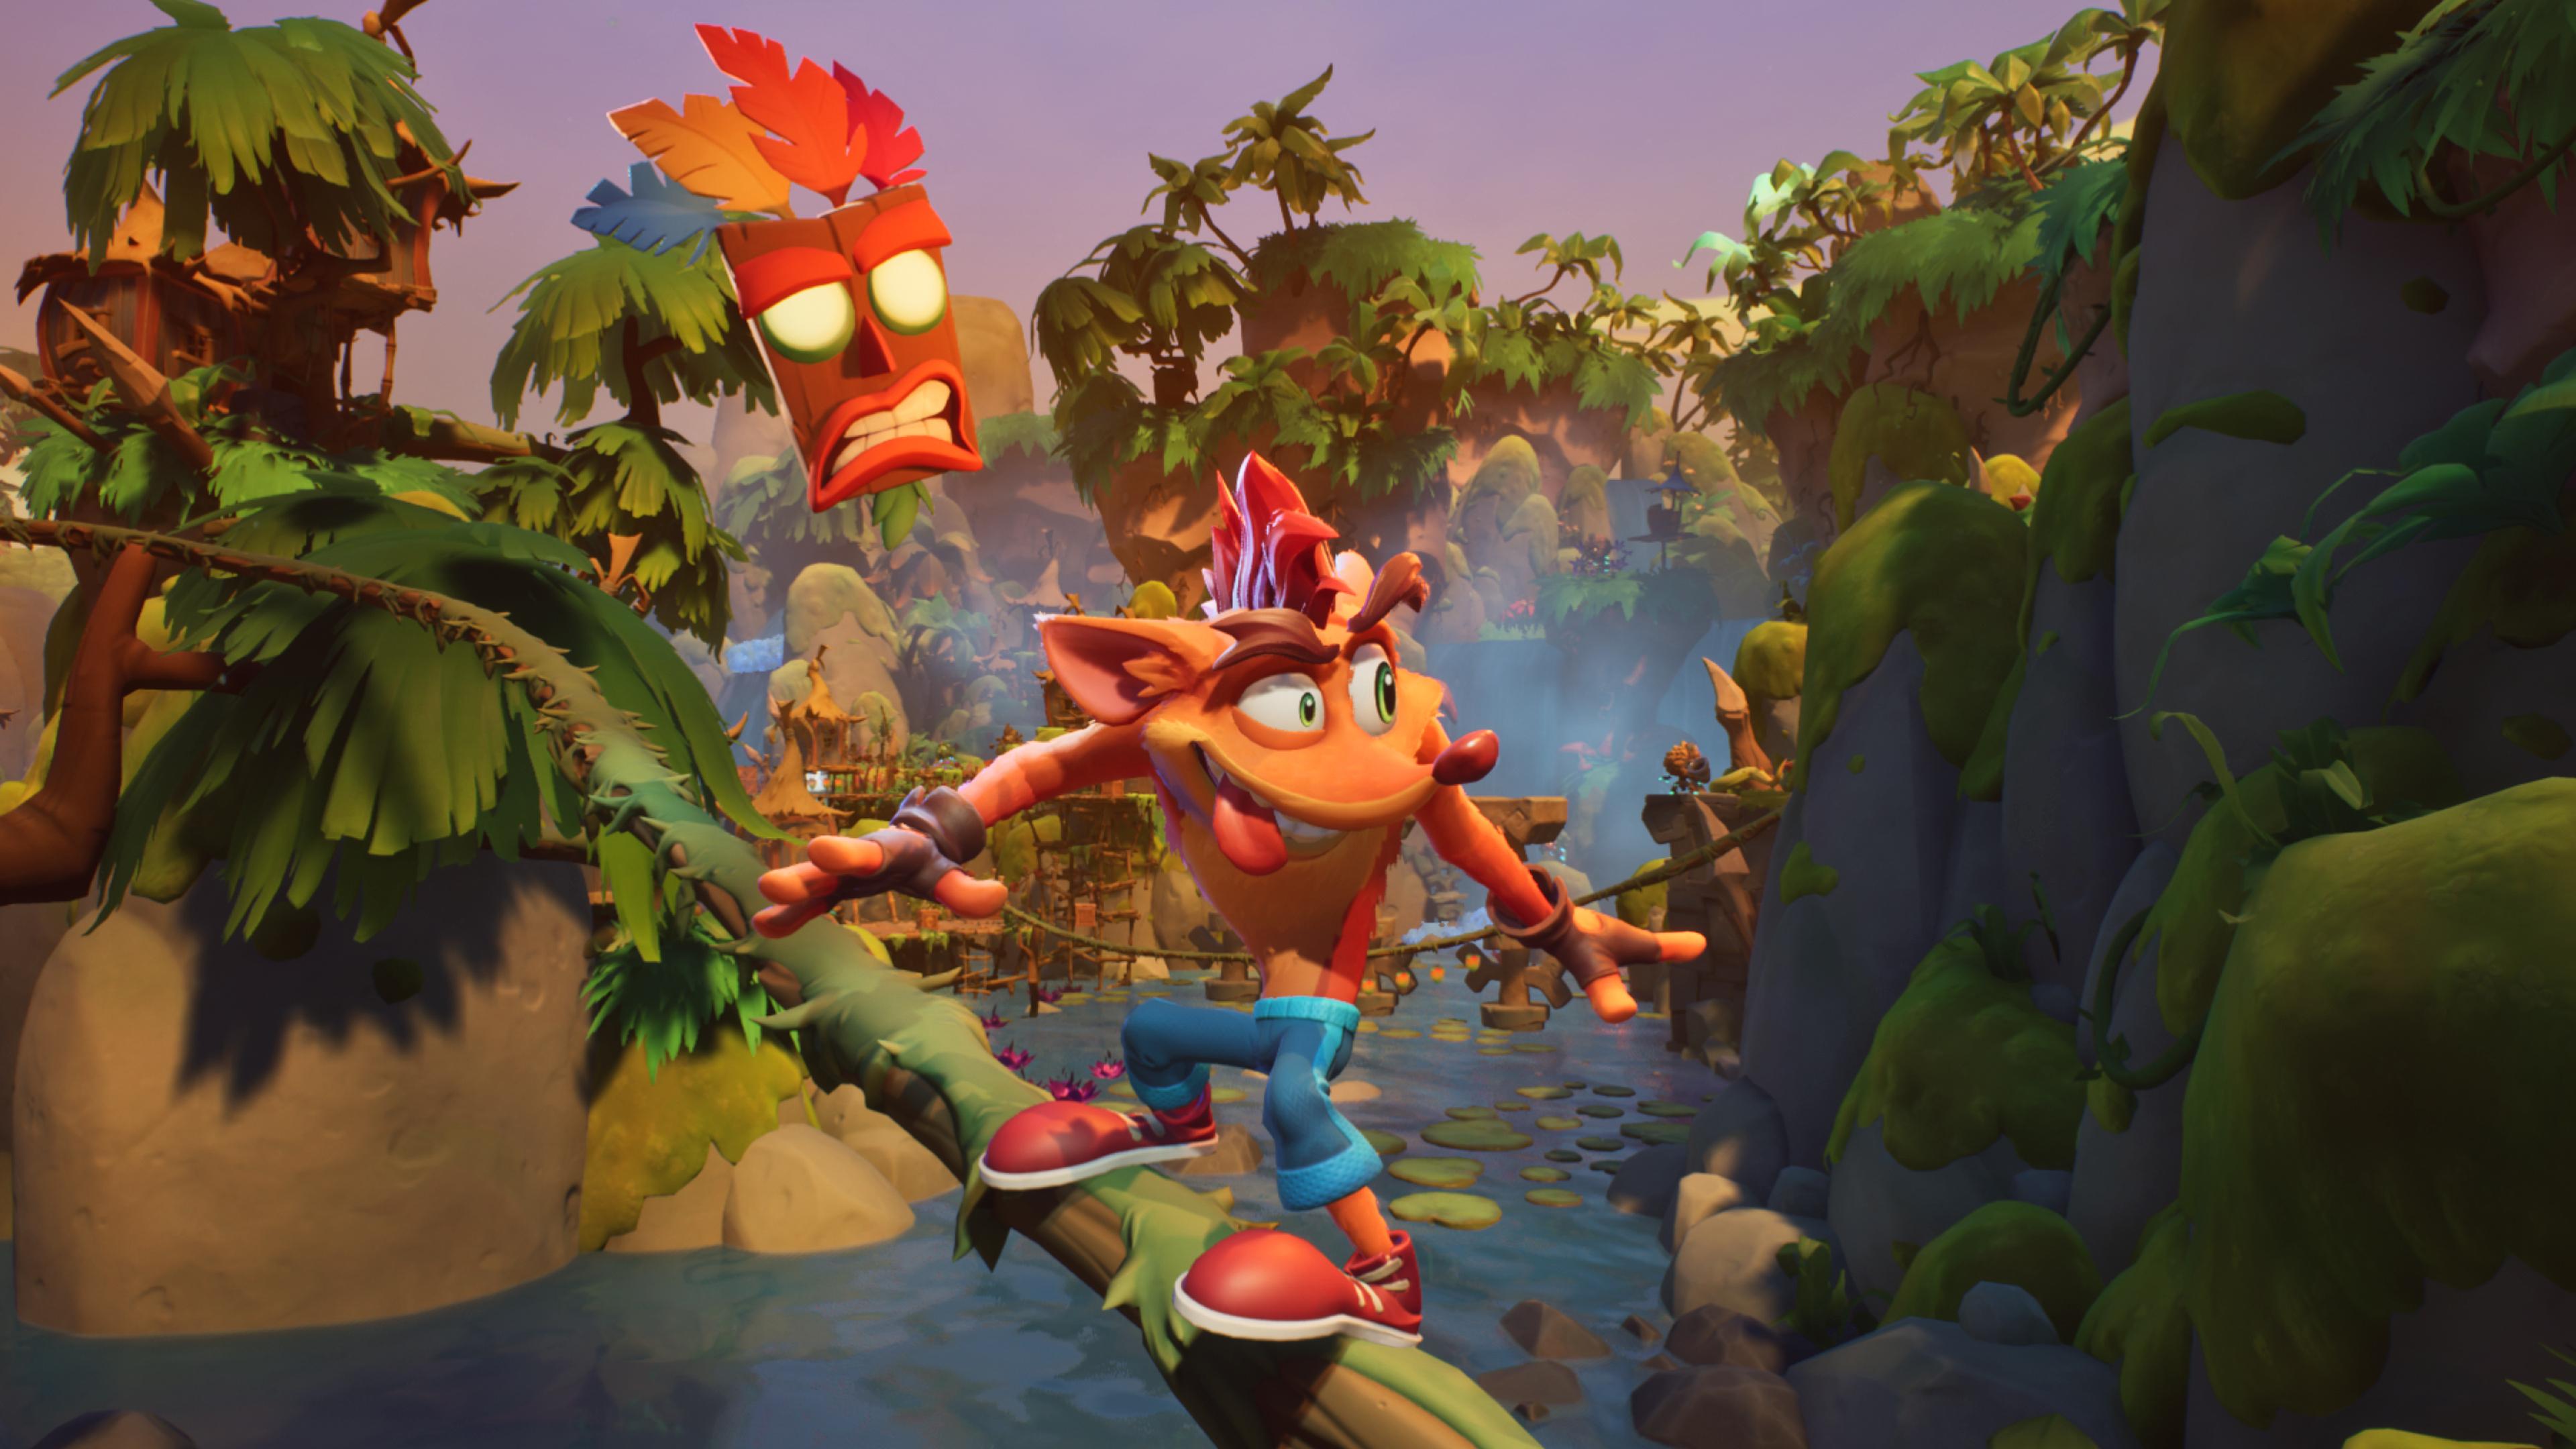 Скриншот №2 к Crash Bandicoot - юбилейный набор Crash